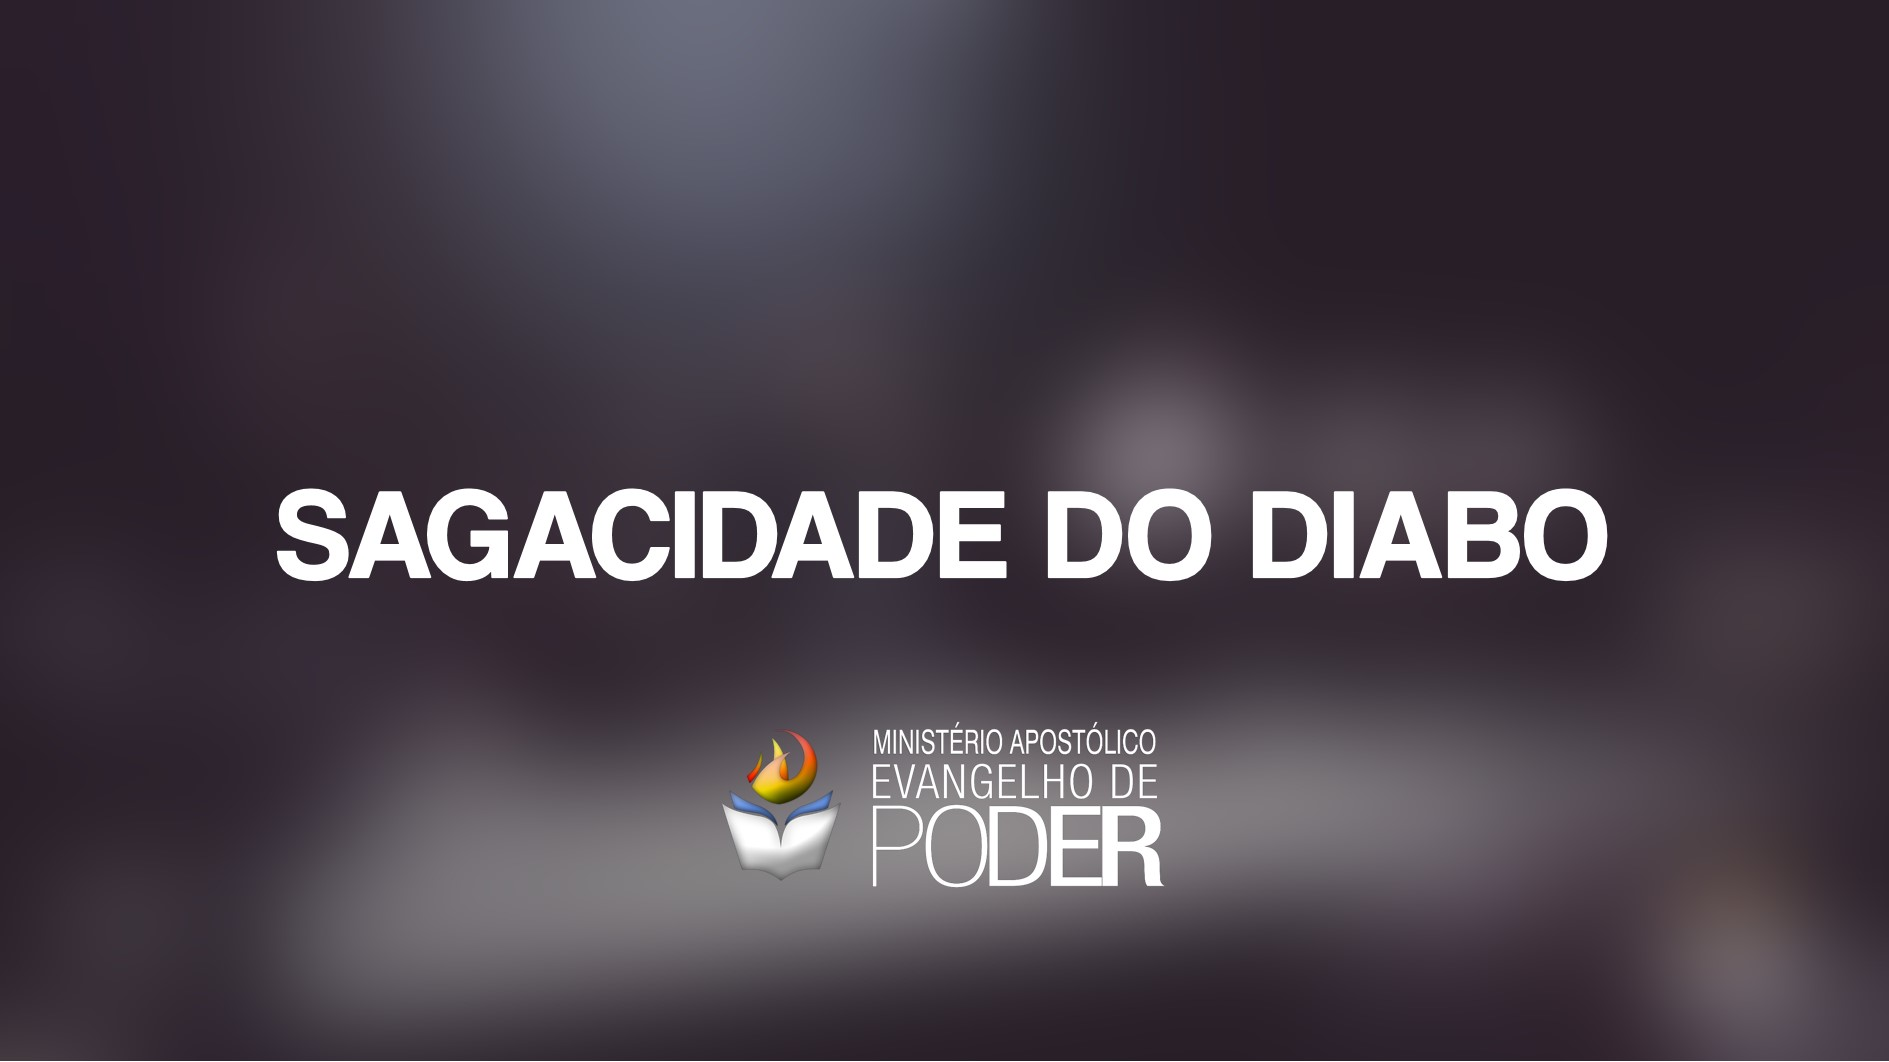 A SAGACIDADE DO DIABO